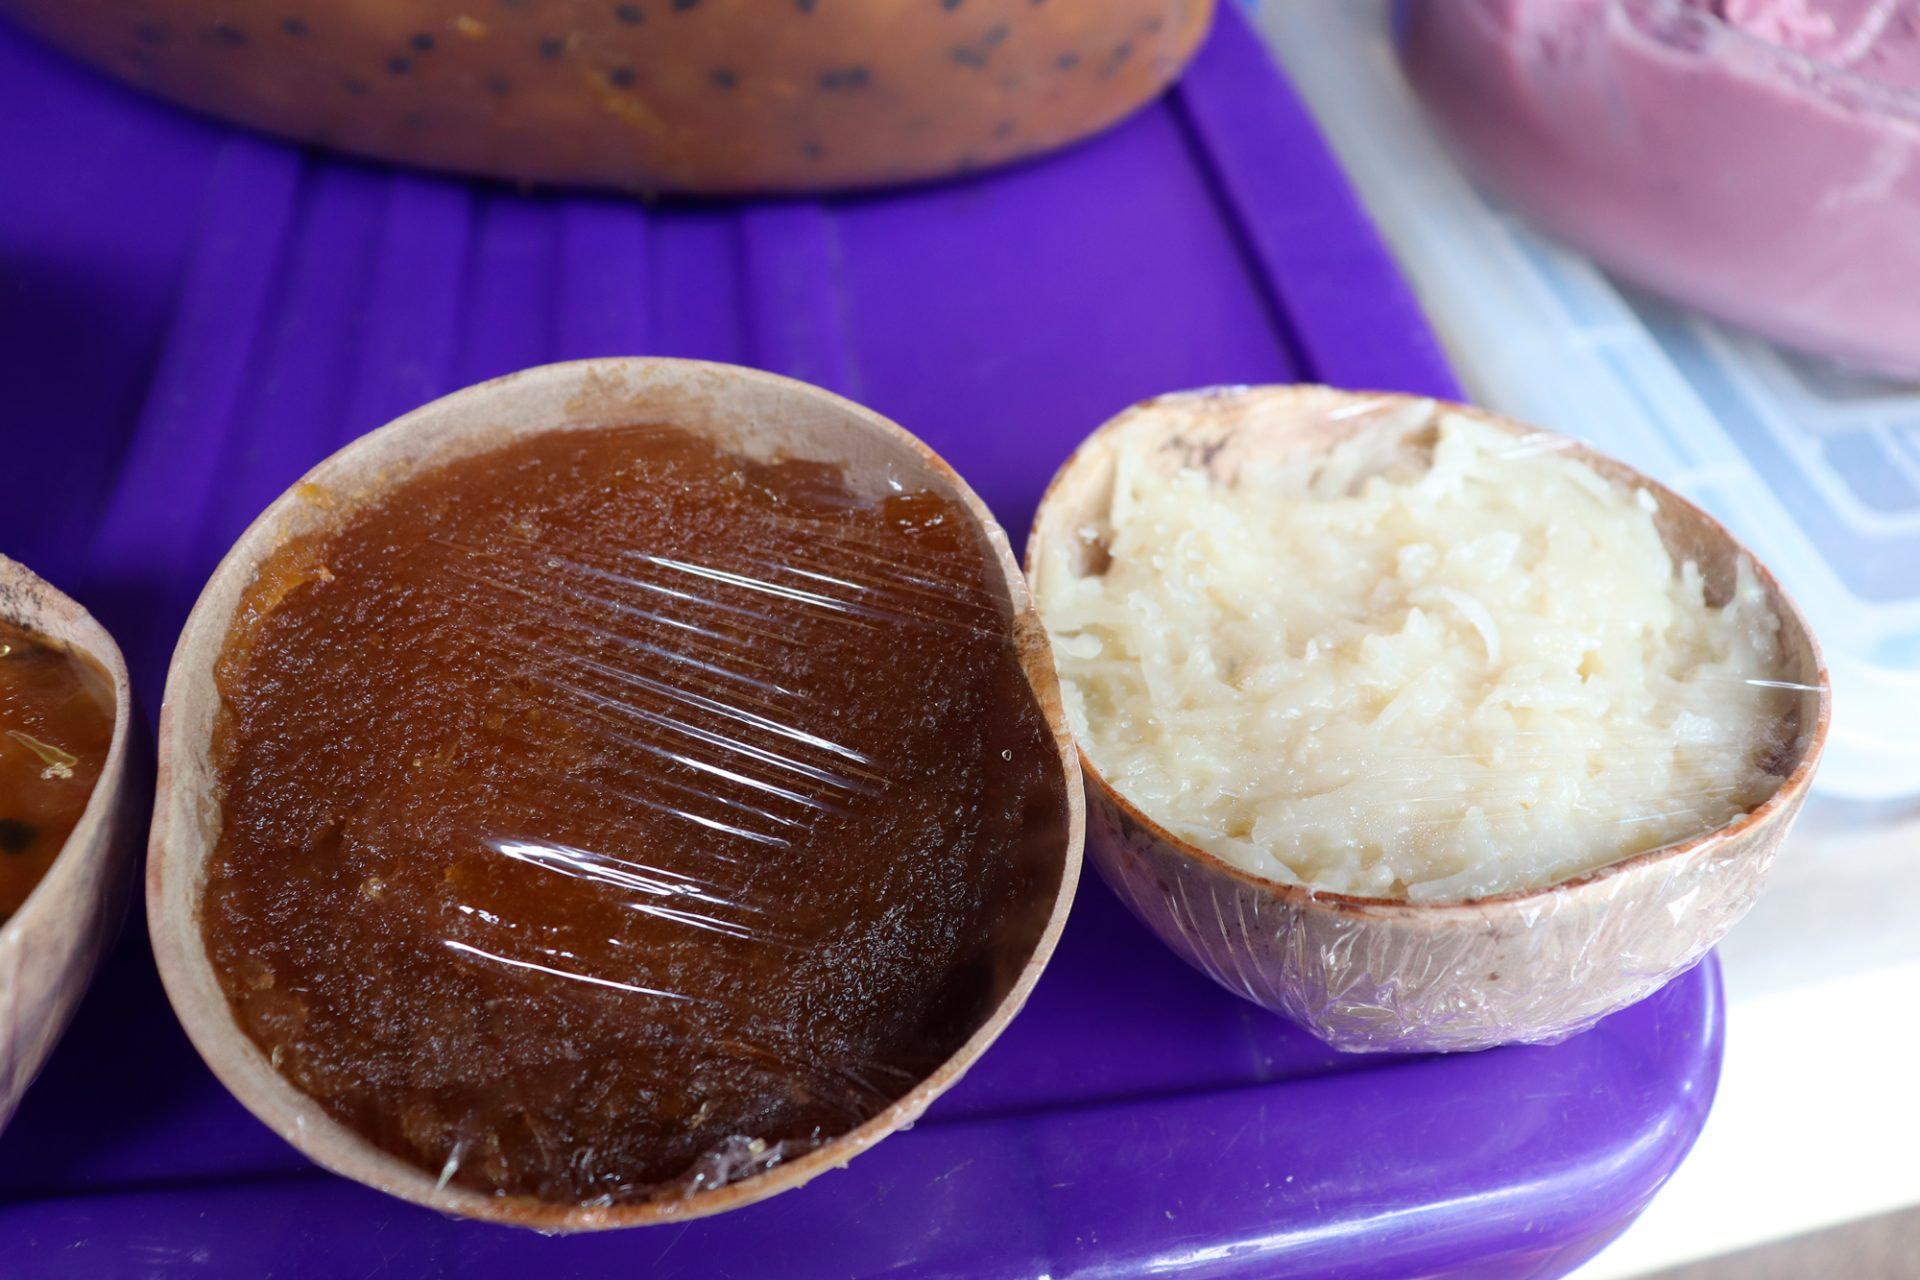 Festival de los dulces, Semana Santa en Necocli